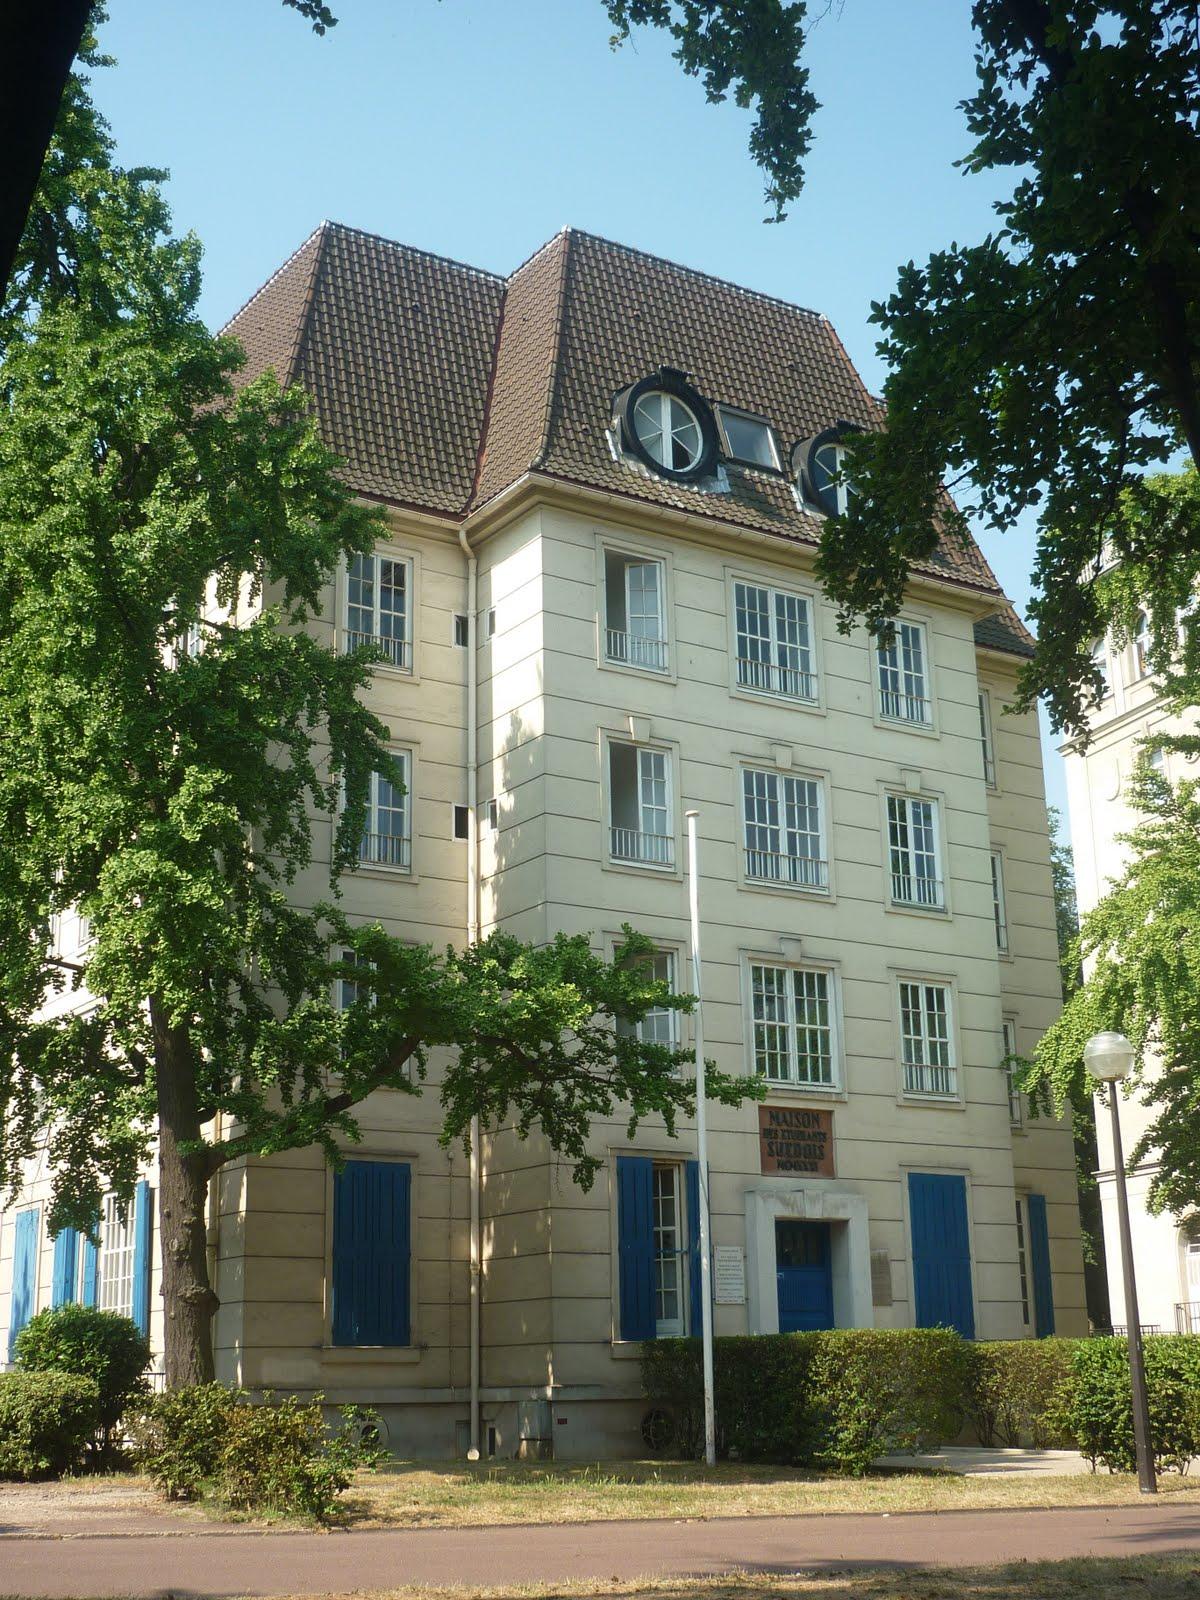 Maison Serge Gainsbourg Visite Intérieur dr.jéjé visite paris: 14ème arrondissement